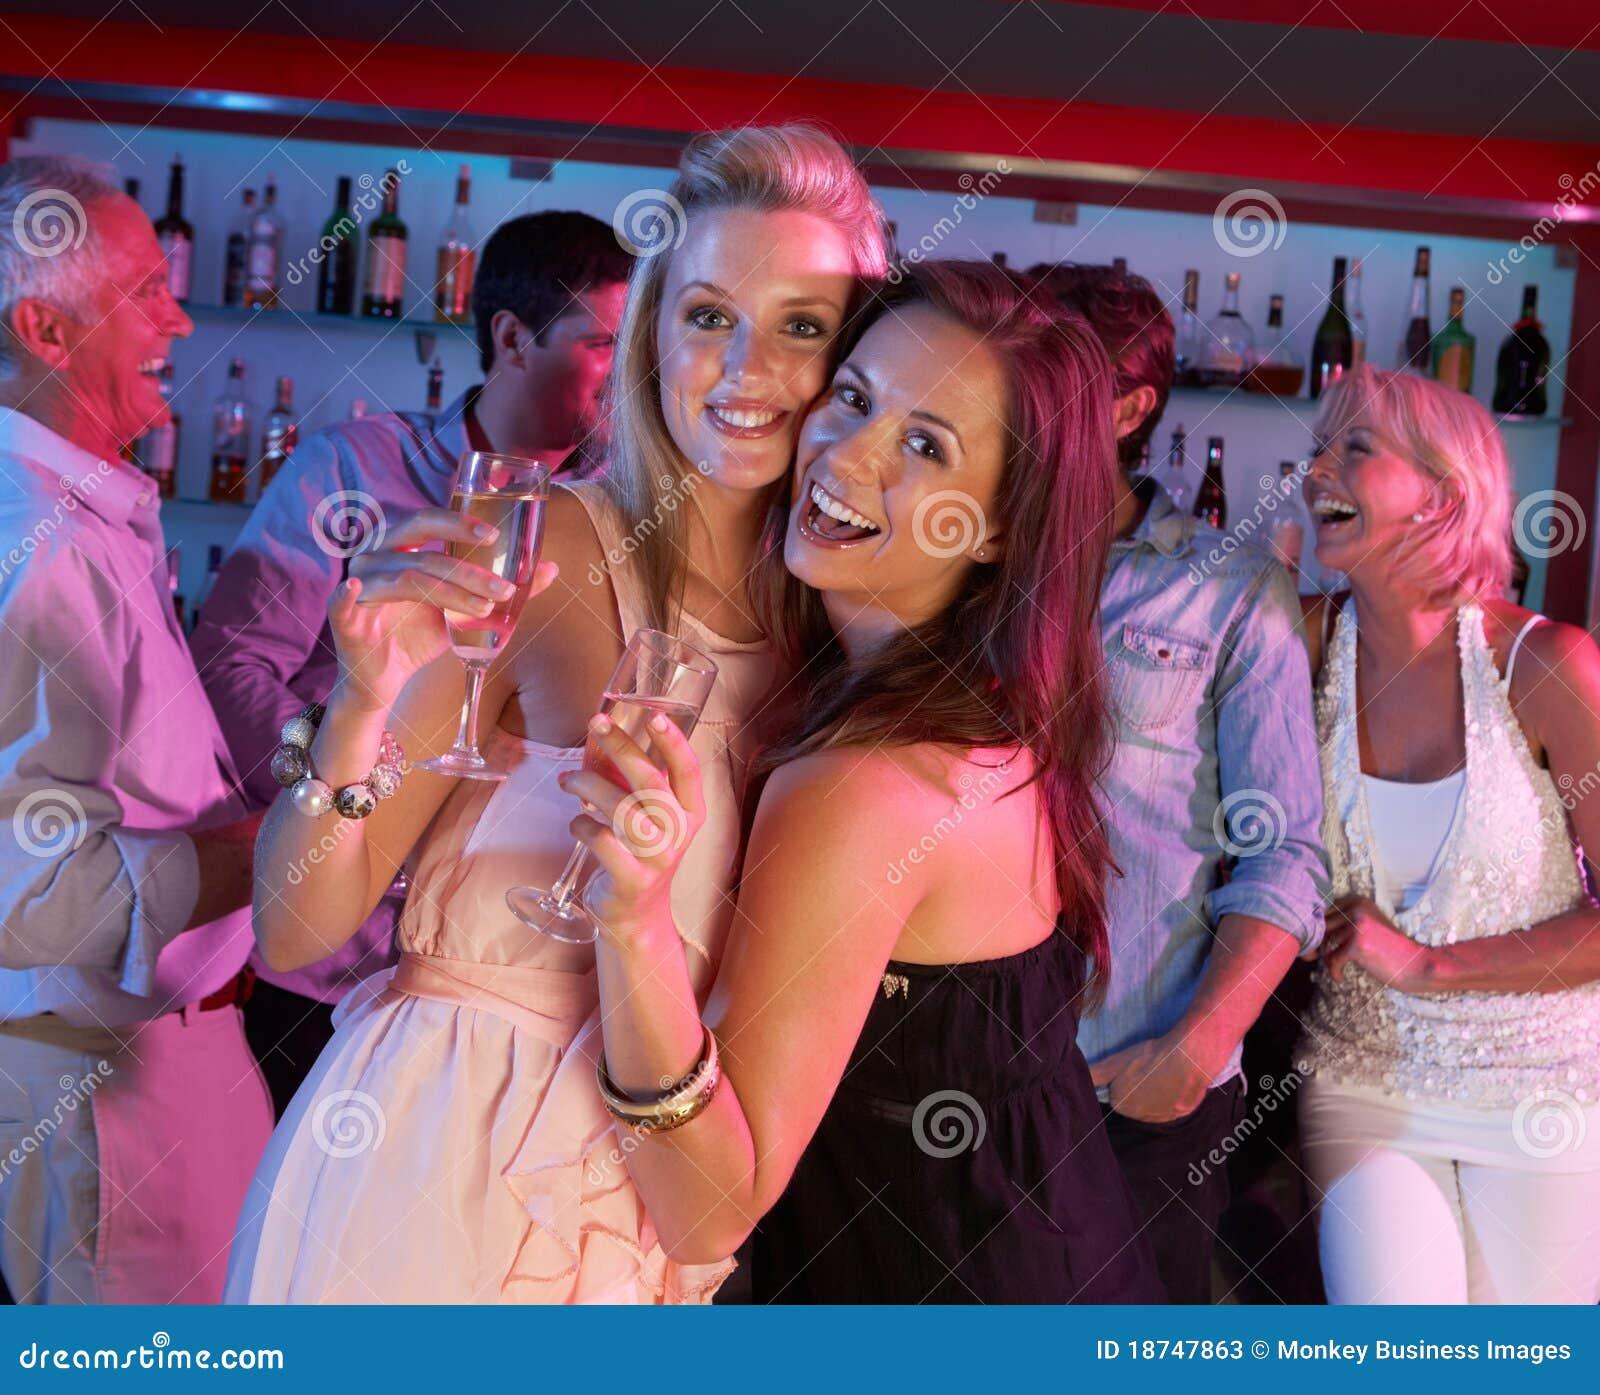 С женой в ночном клубе 7 фотография